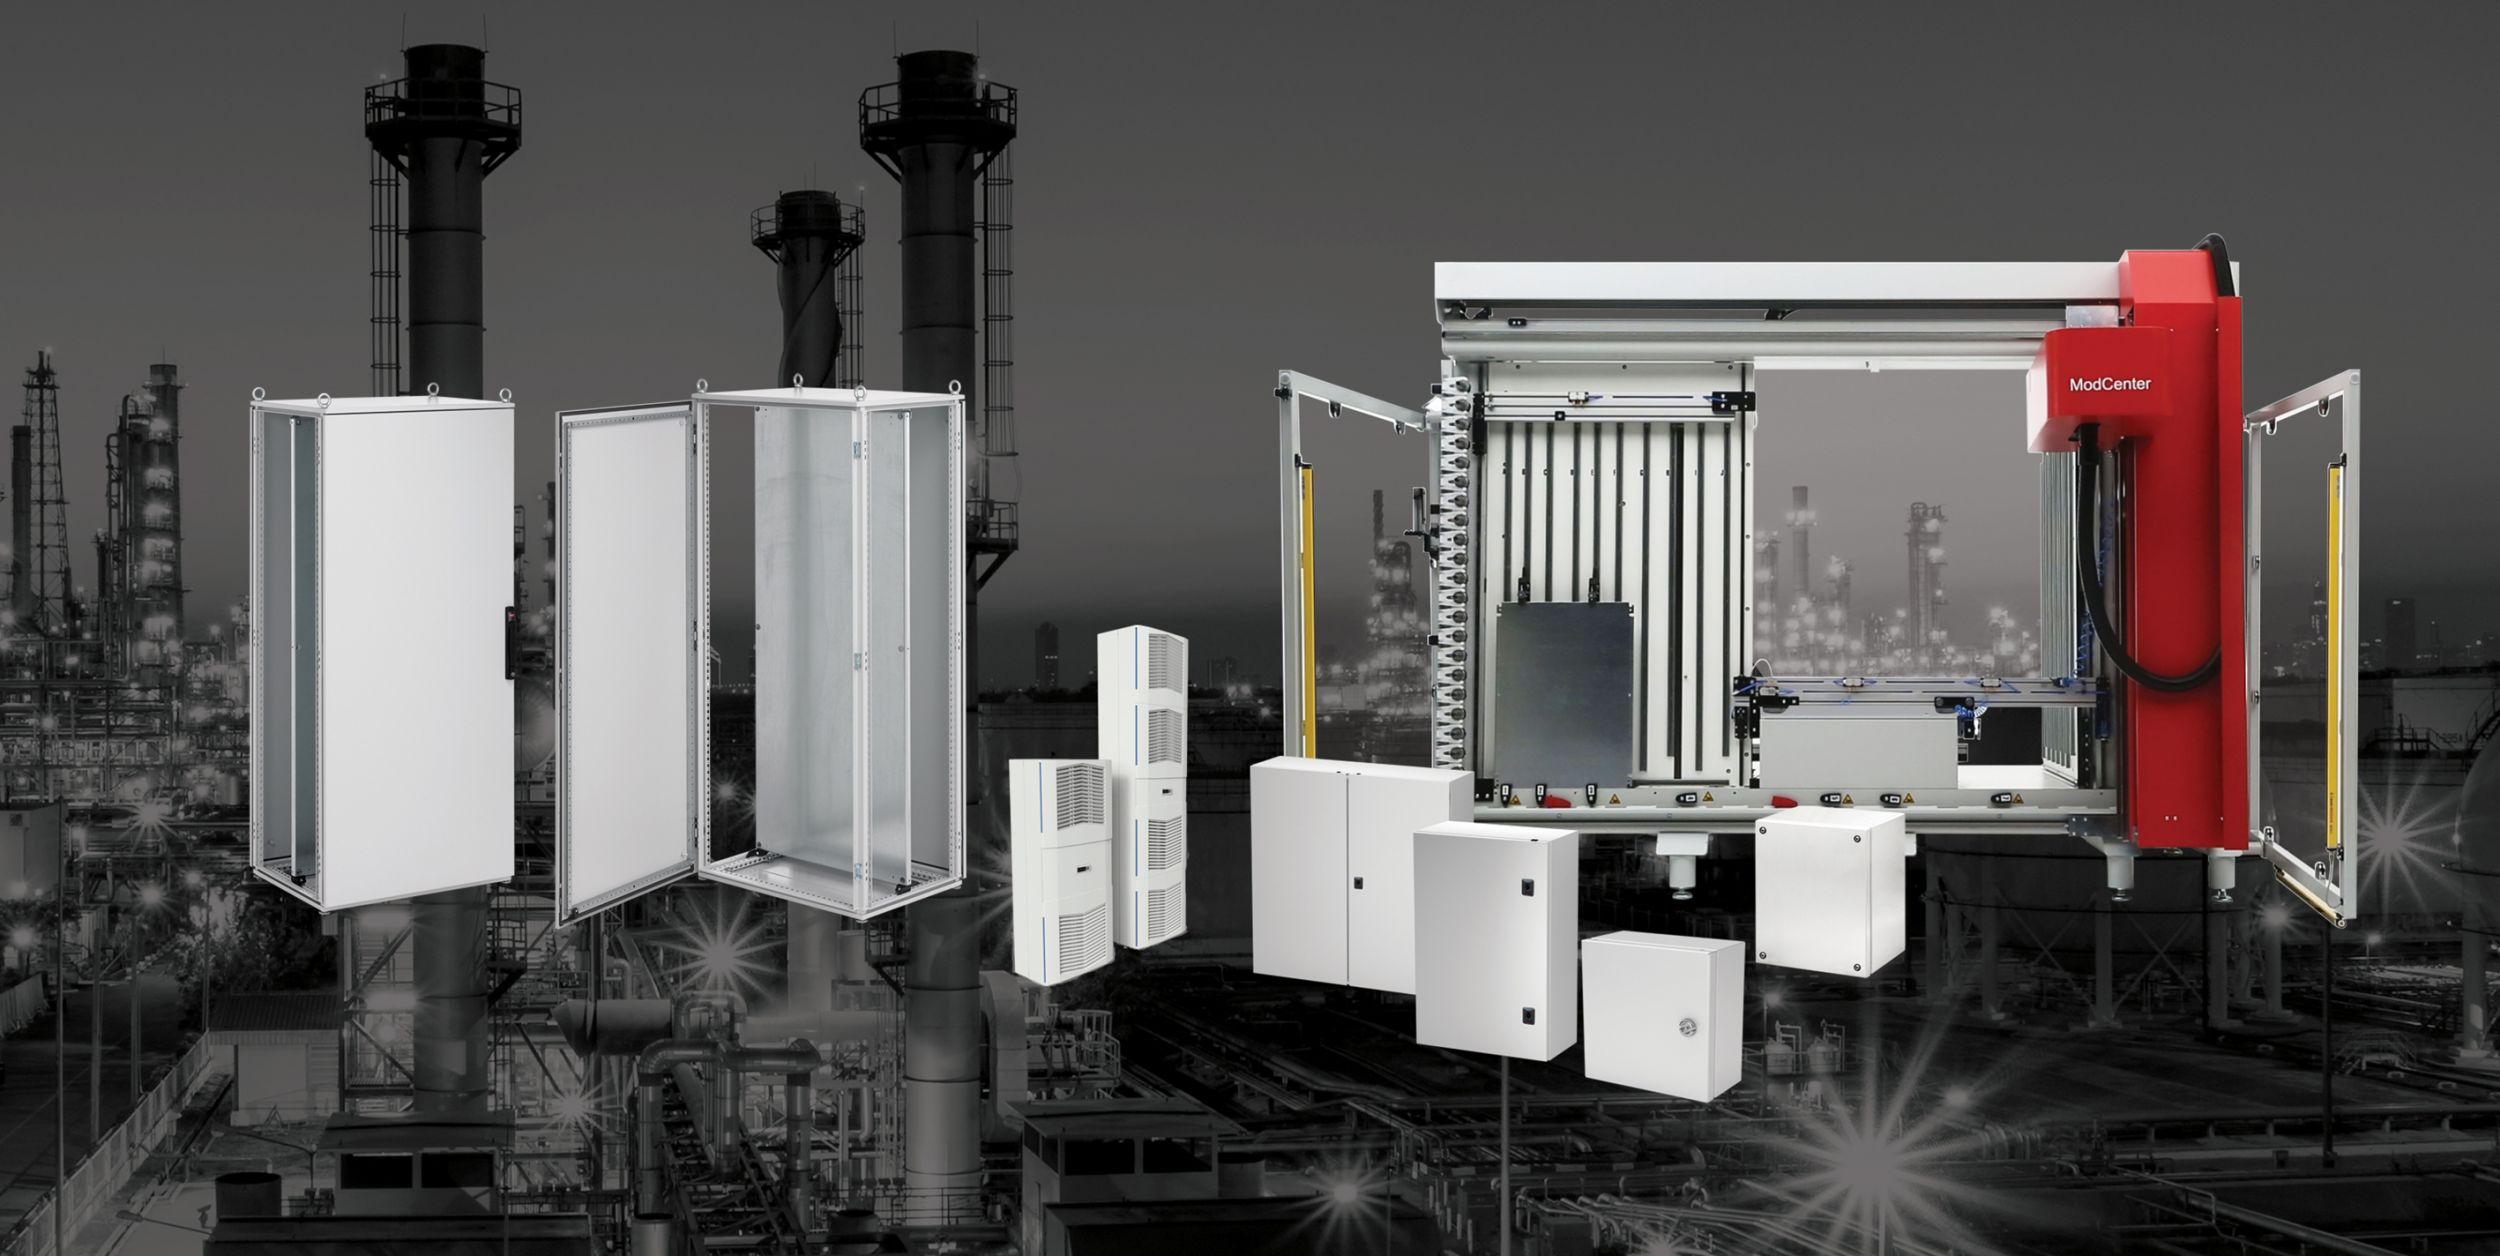 Ein Highlight auf der Hannover Messe ist die Kabelverarbeitungsmaschine Nvent PWA 6000. (Bild: Schroff GmbH)